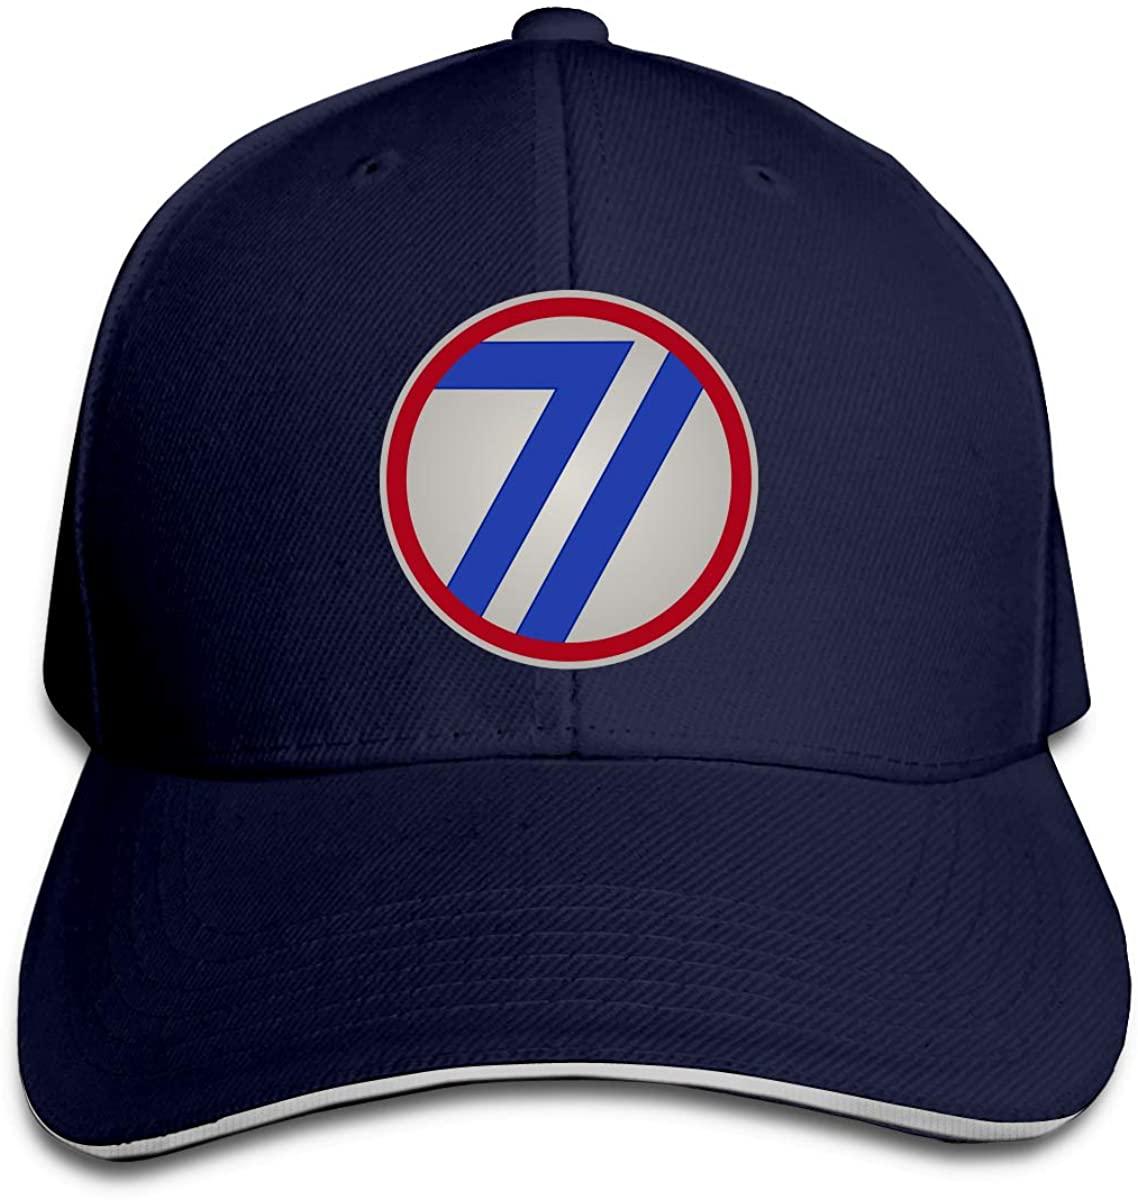 71-е пехотное подразделение, головные уборы унисекс, головные уборы грузовиков, бейсбольные головные уборы, Кепка водителя